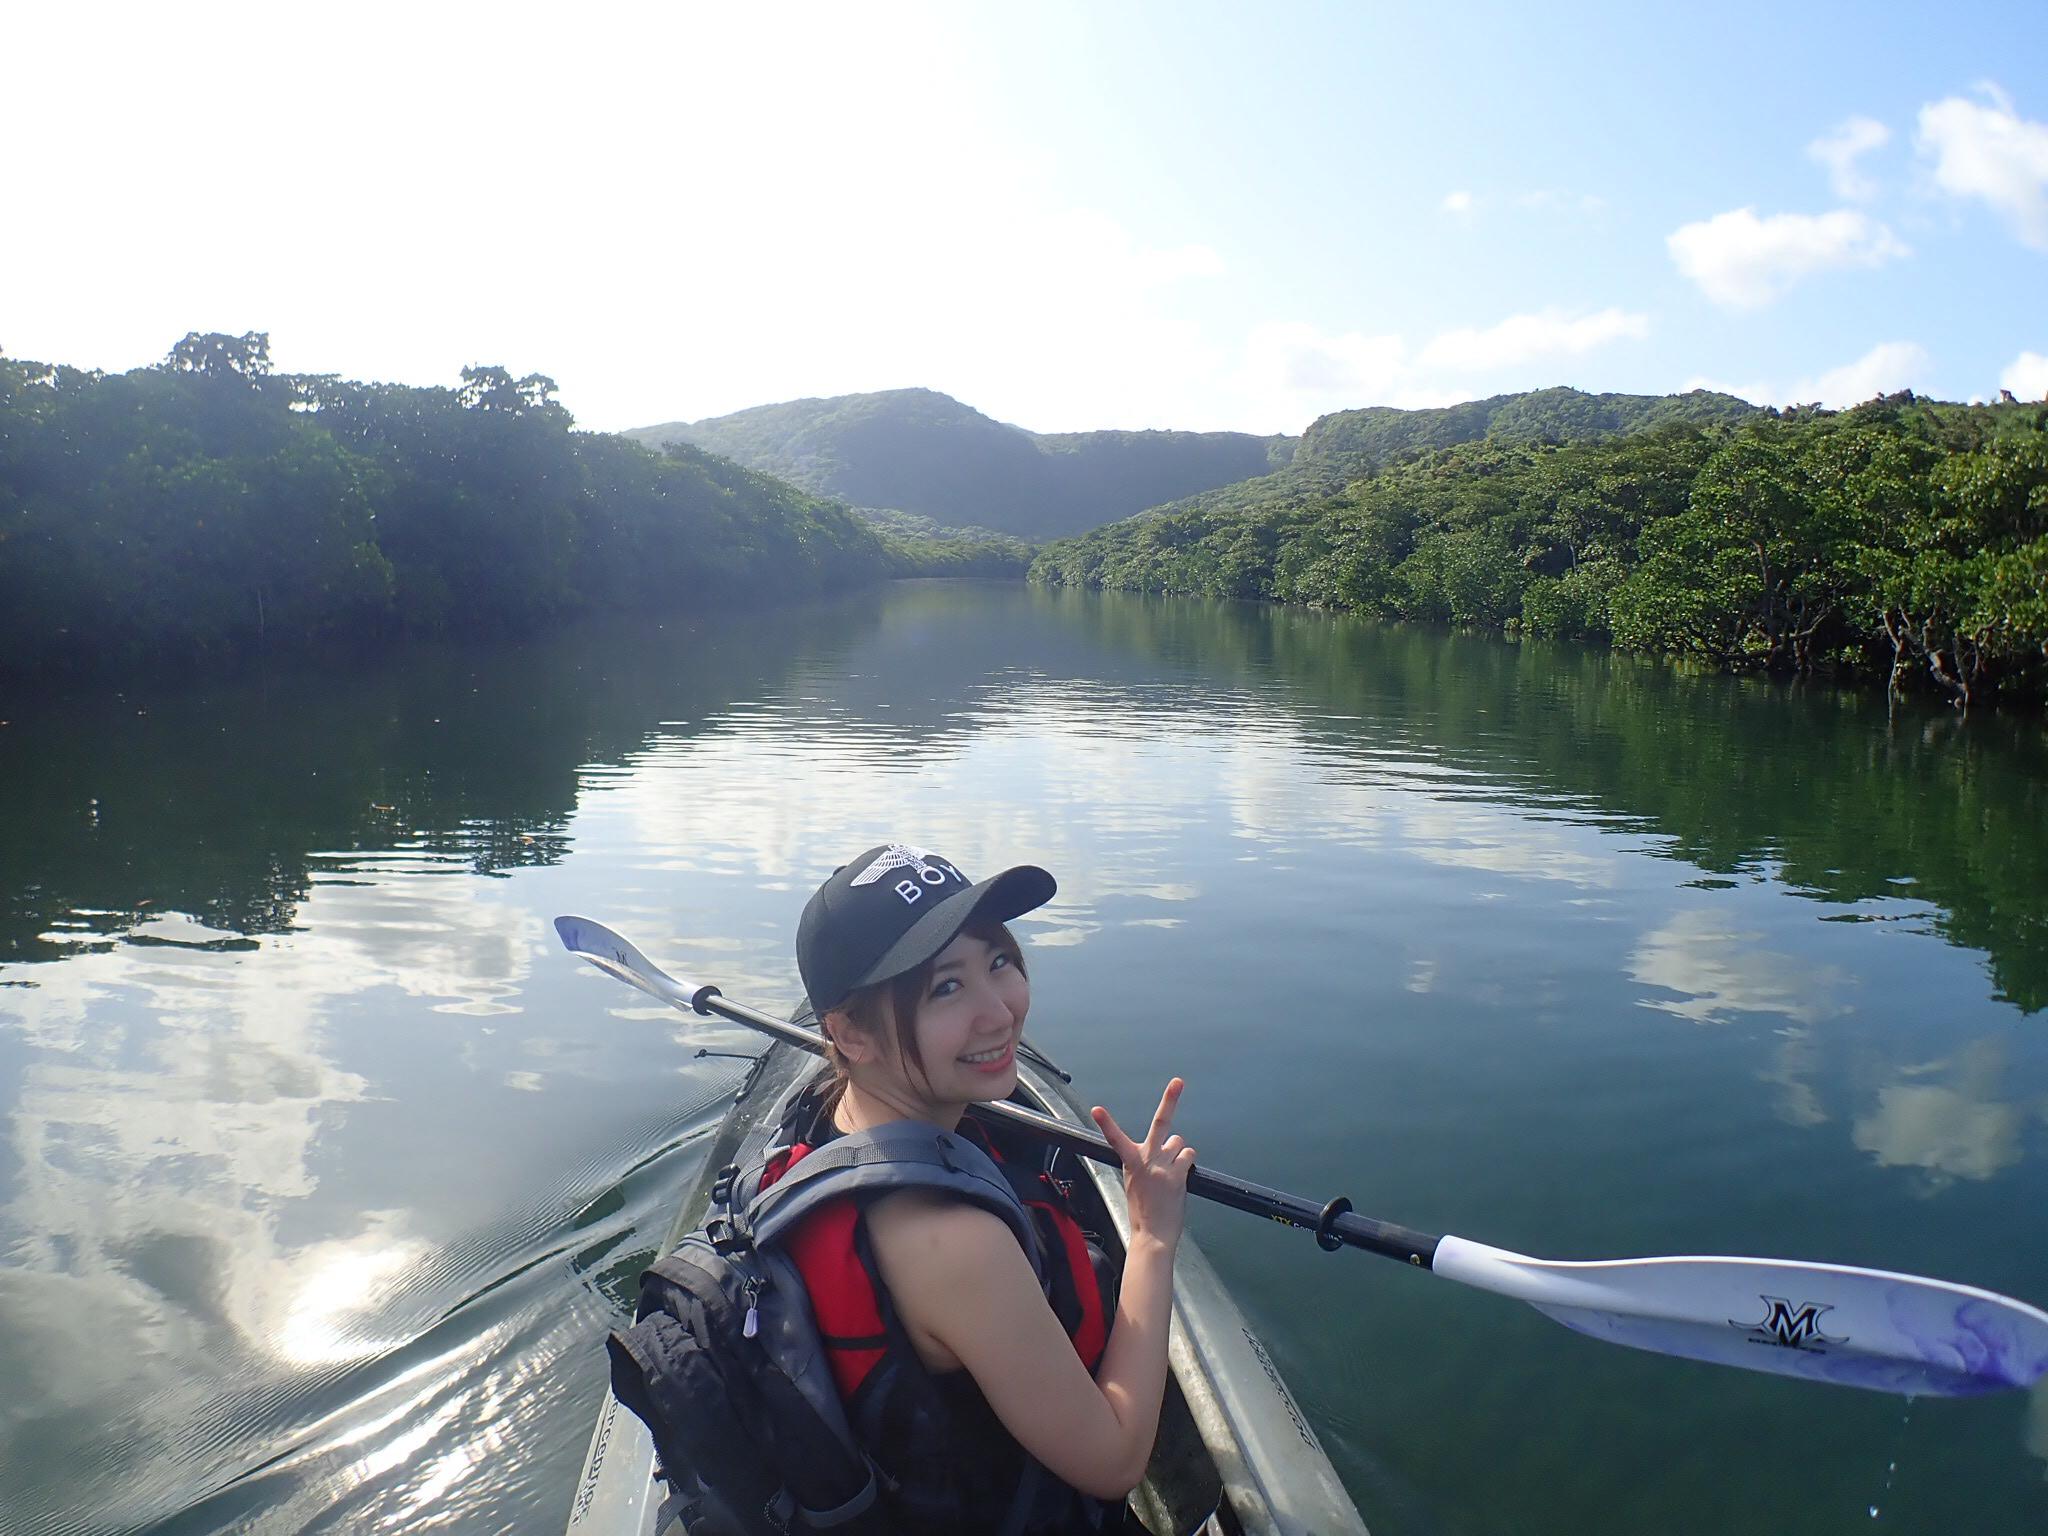 女子旅でもおもっきり遊べる西表島のカヌーツアーならピナイサーラの滝がおススメ